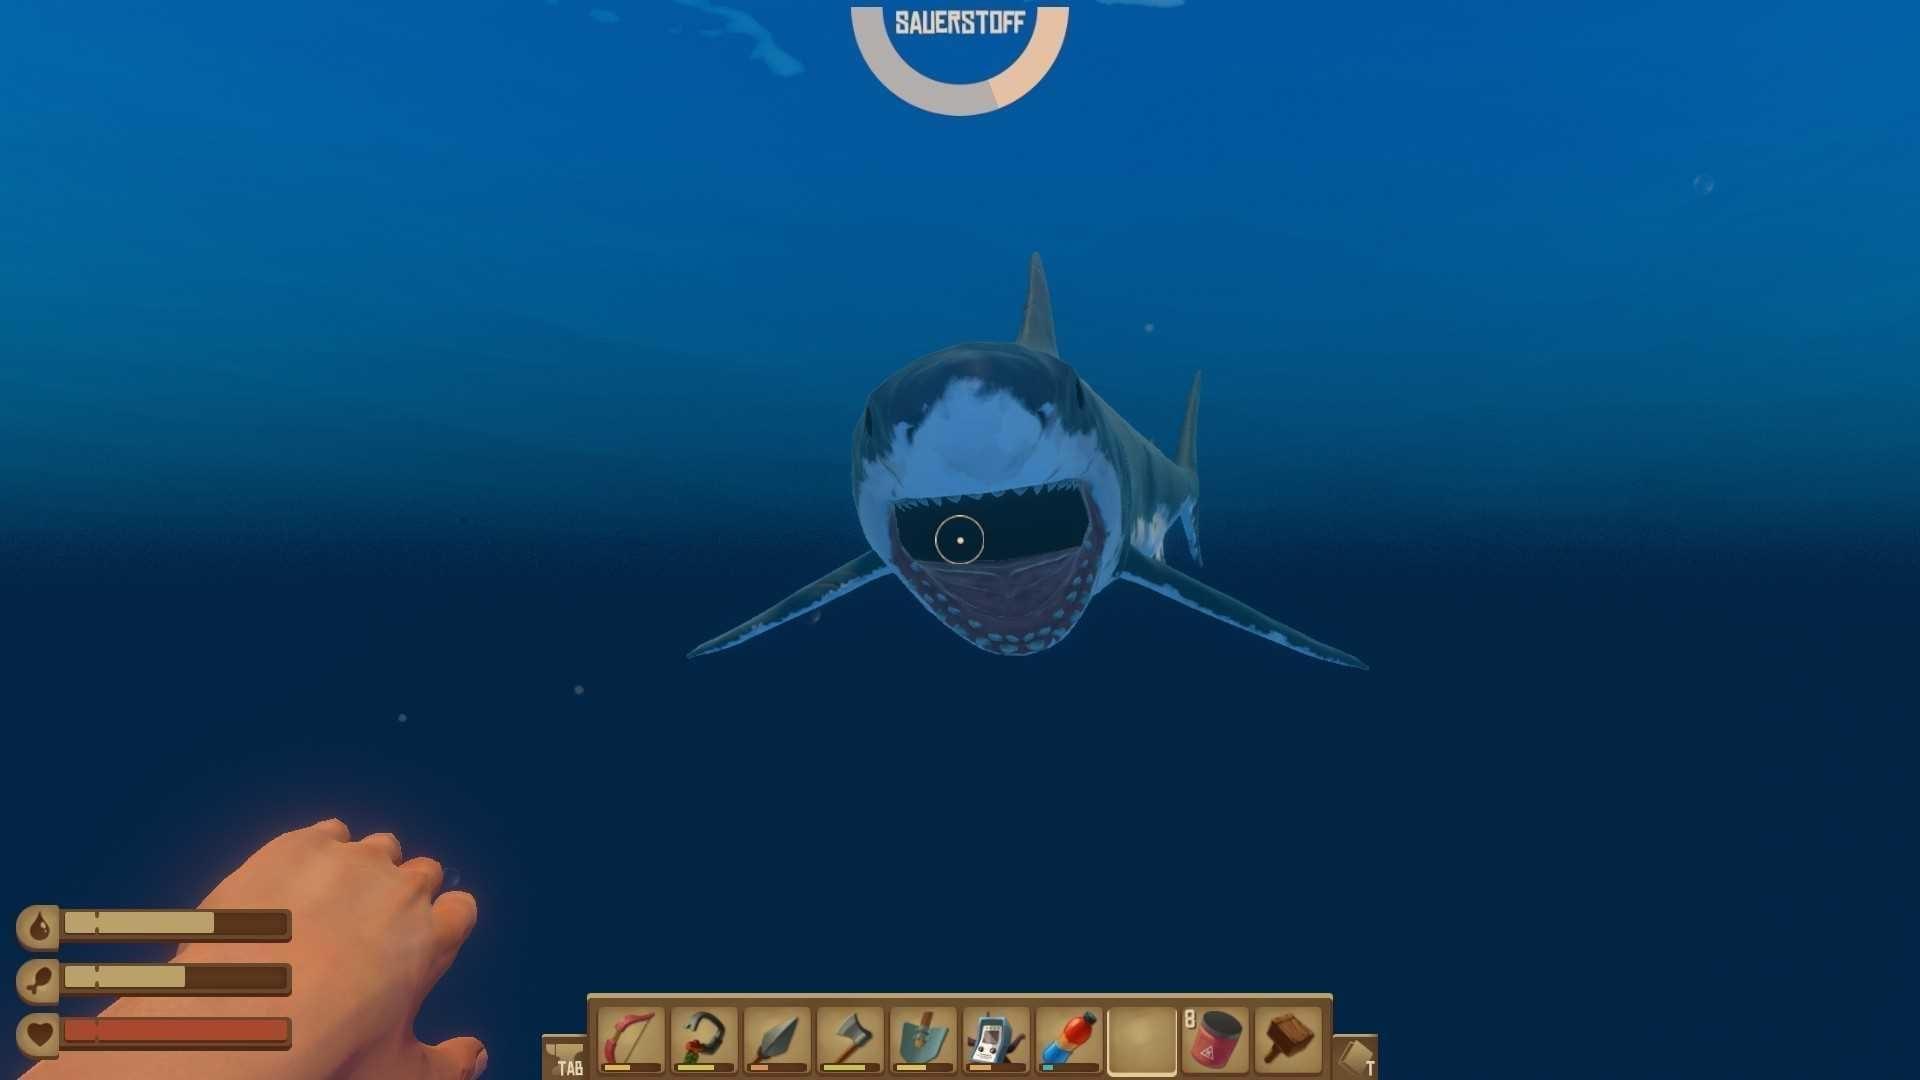 Raft - Der Hai hat uns zum Fressen gerne